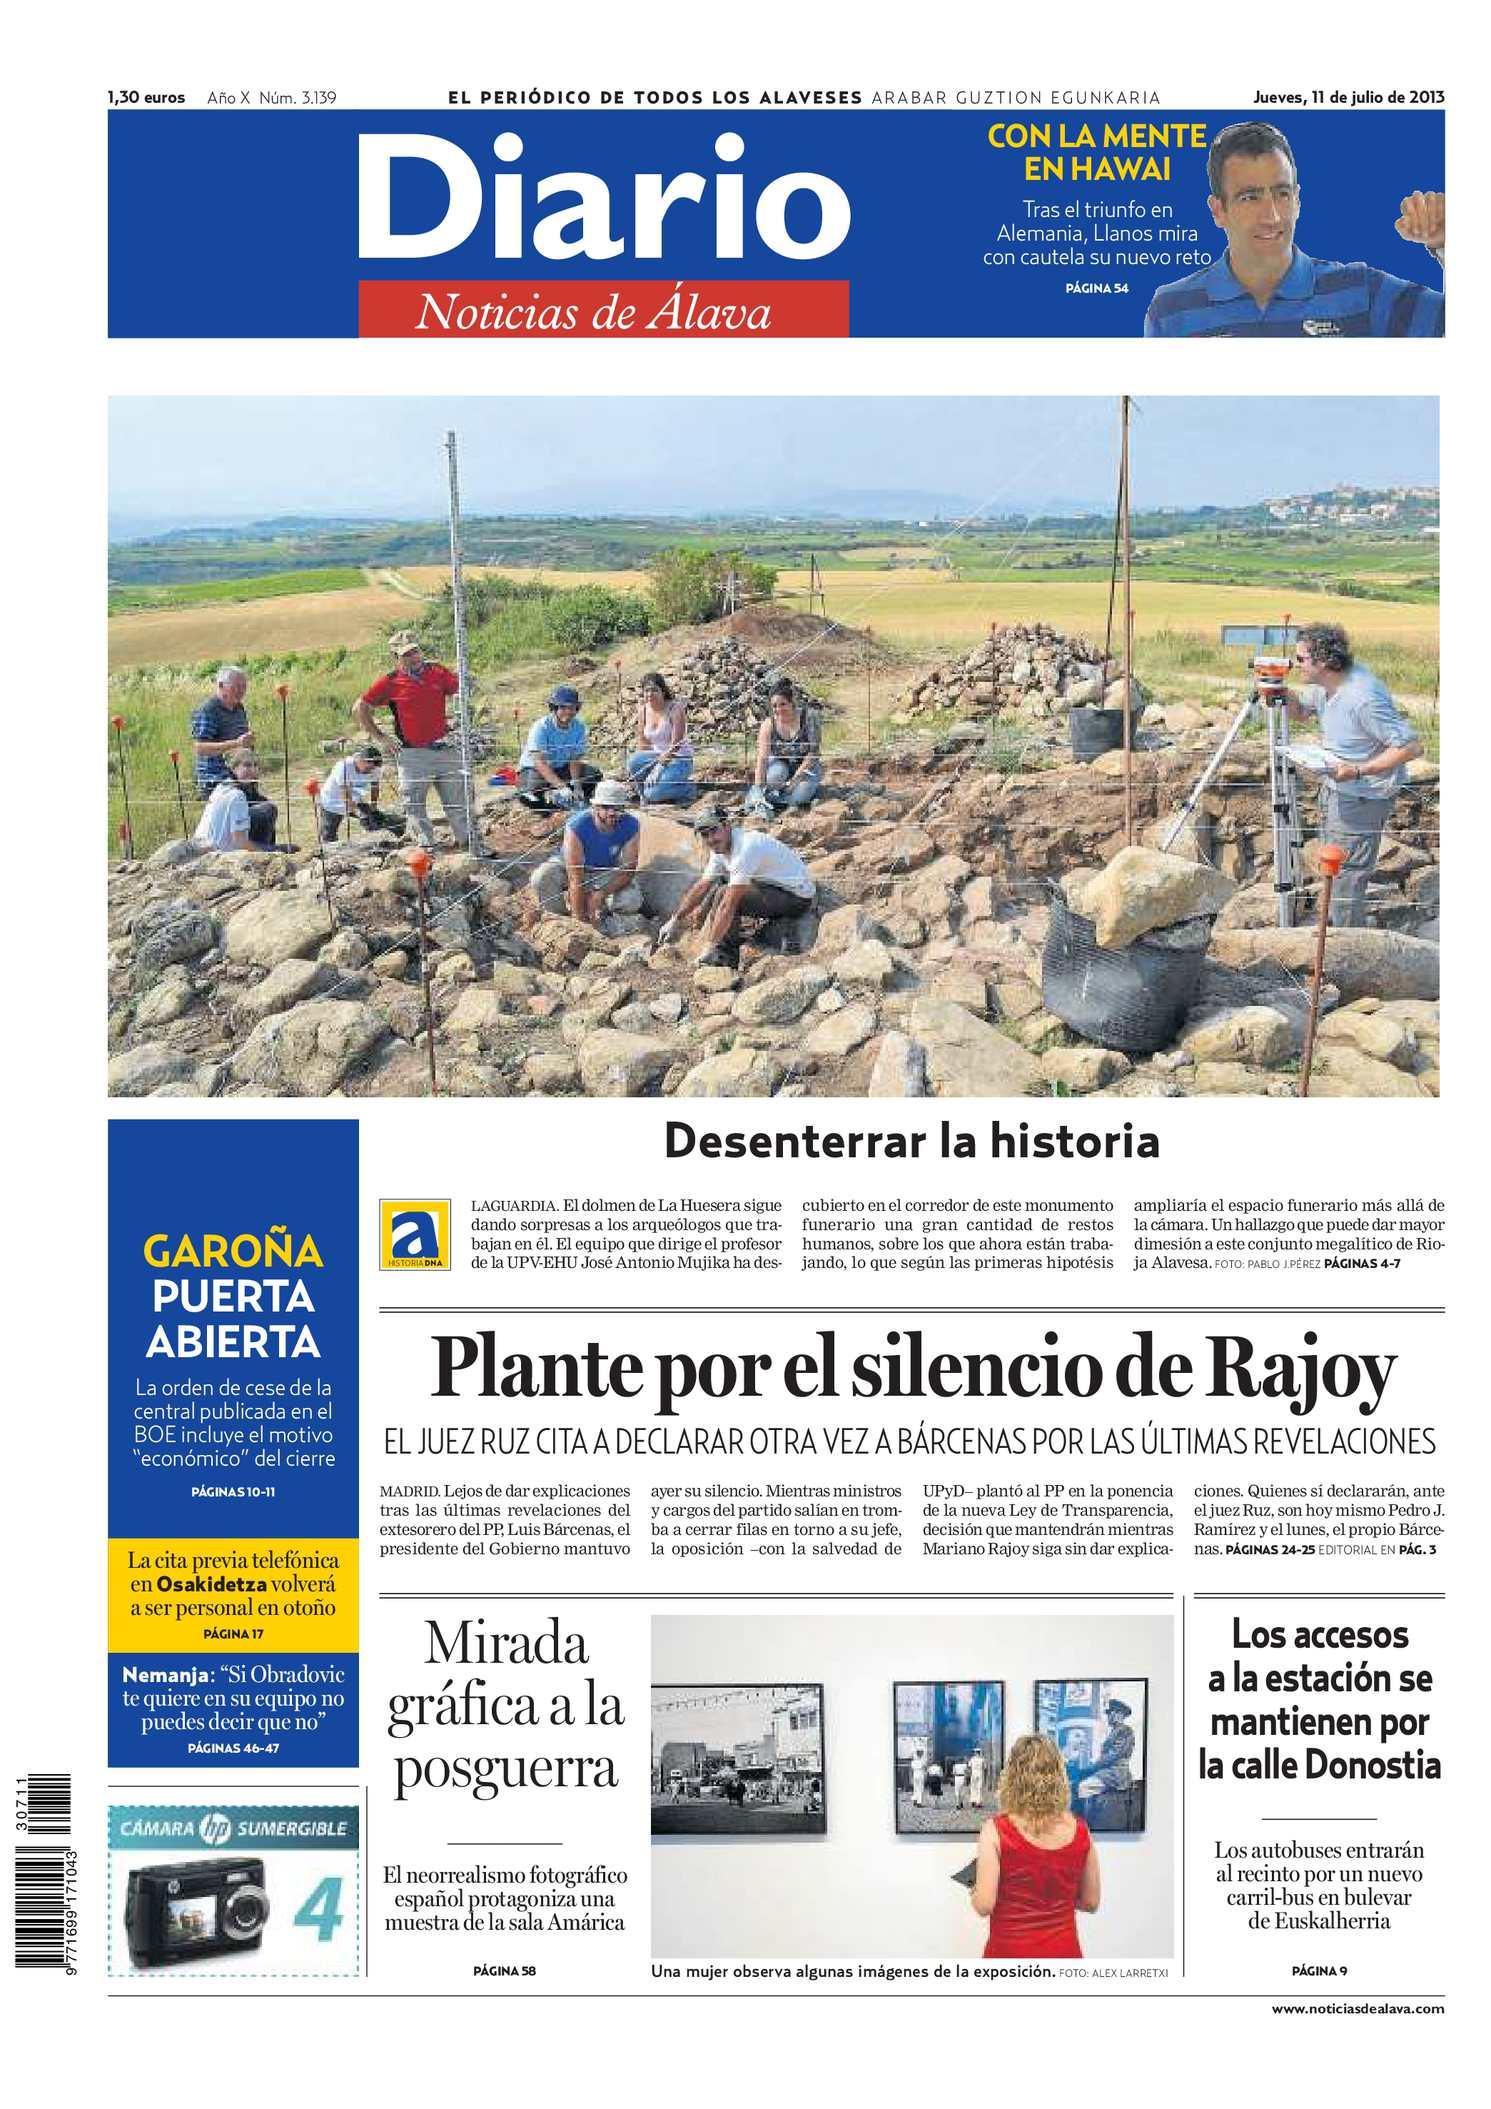 Calaméo - Diario de Noticias de Álava 20130711